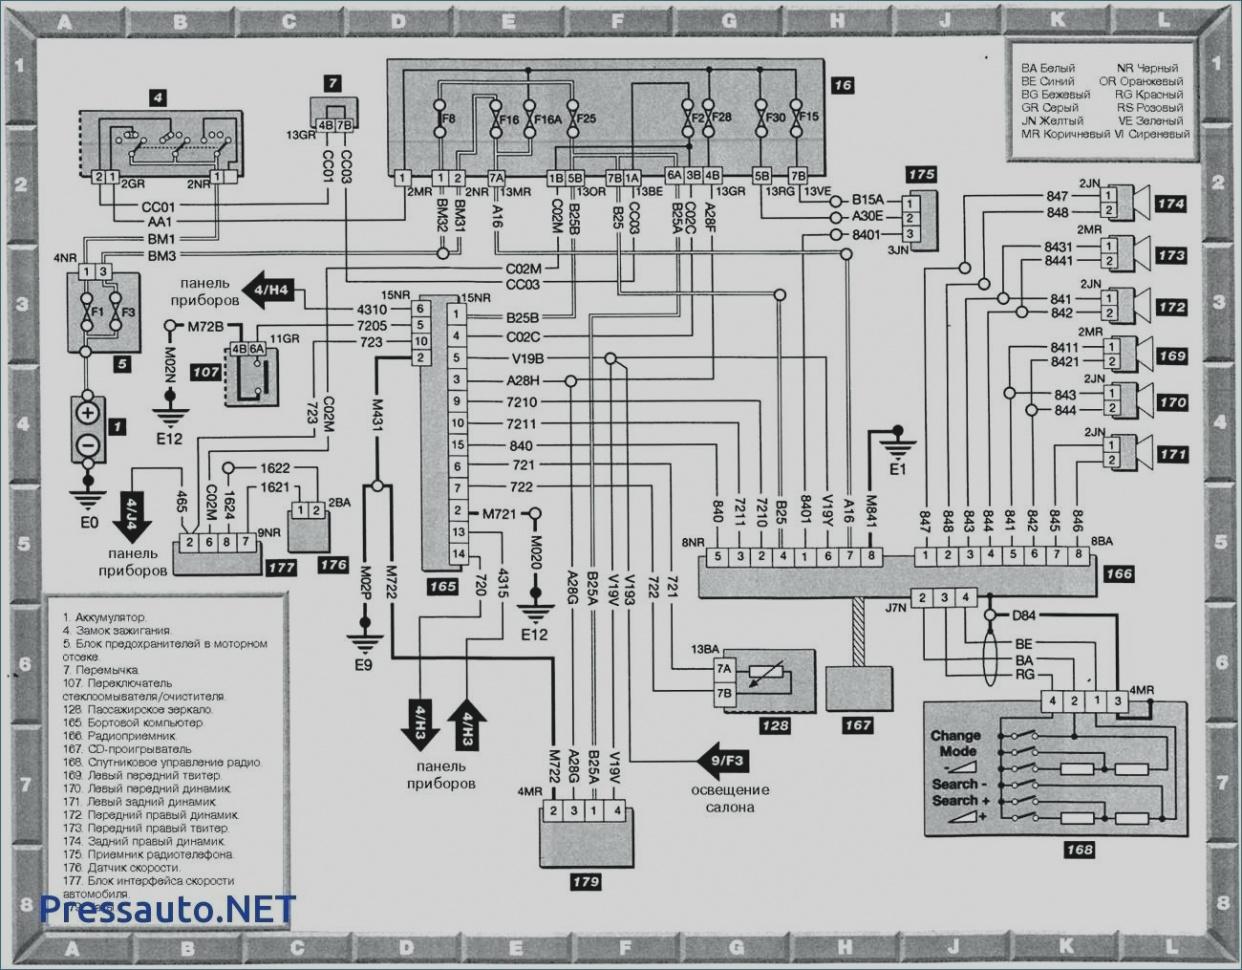 DIAGRAM] Peugeot Bsi Wiring Diagram FULL Version HD Quality Wiring Diagram  - ENDIAGRAM.ANDREAROSSATO.IT | I Need A Wiring Diagram For 307 Going |  | Diagram Database